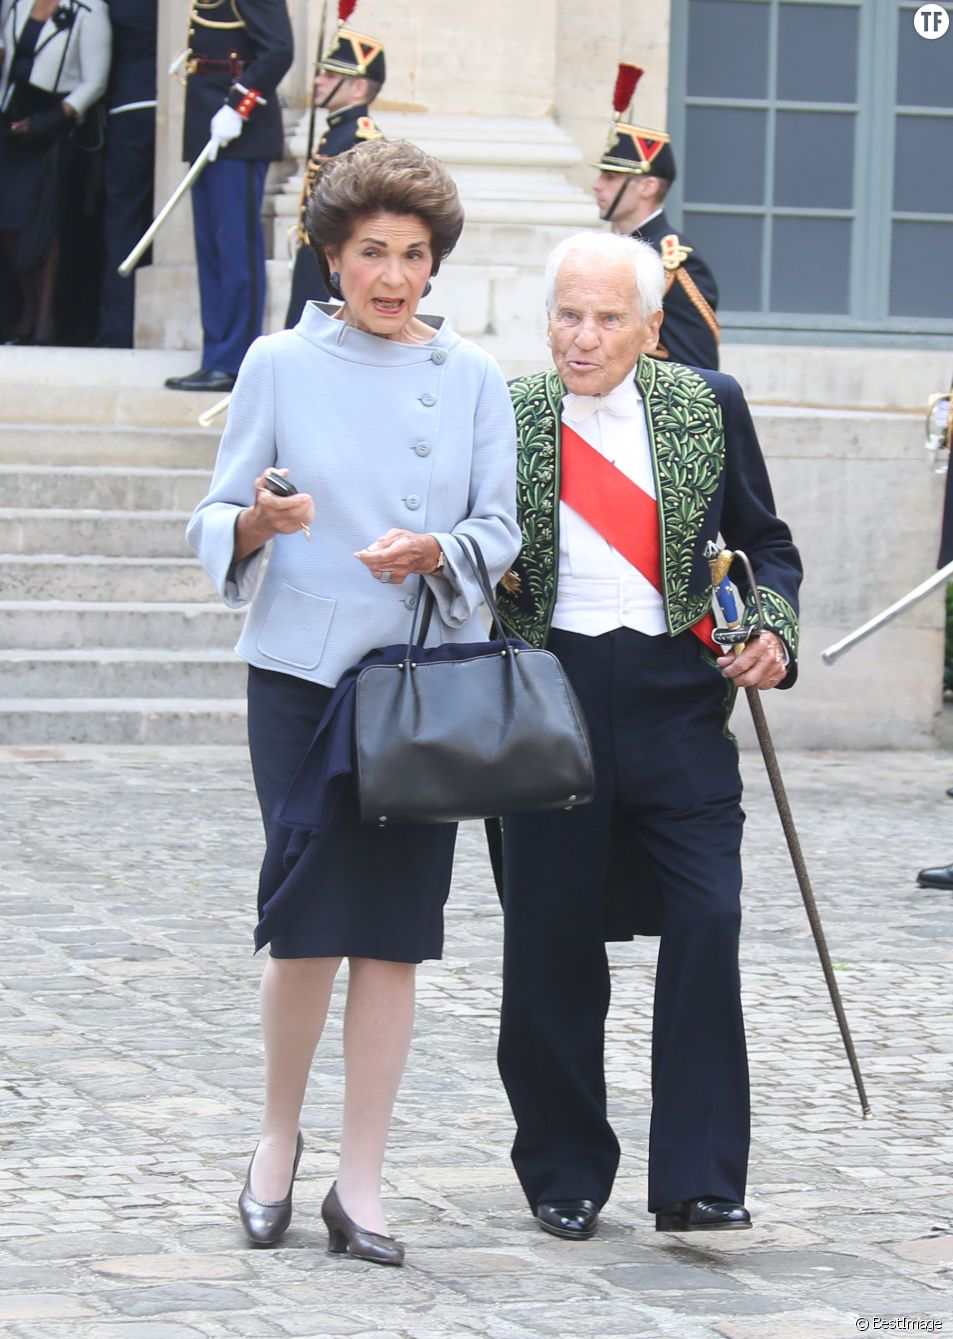 Qui Est La Femme De Jean D Ormesson : femme, ormesson, D'Ormesson, Françoise, Béghin,, Femme, Terrafemina